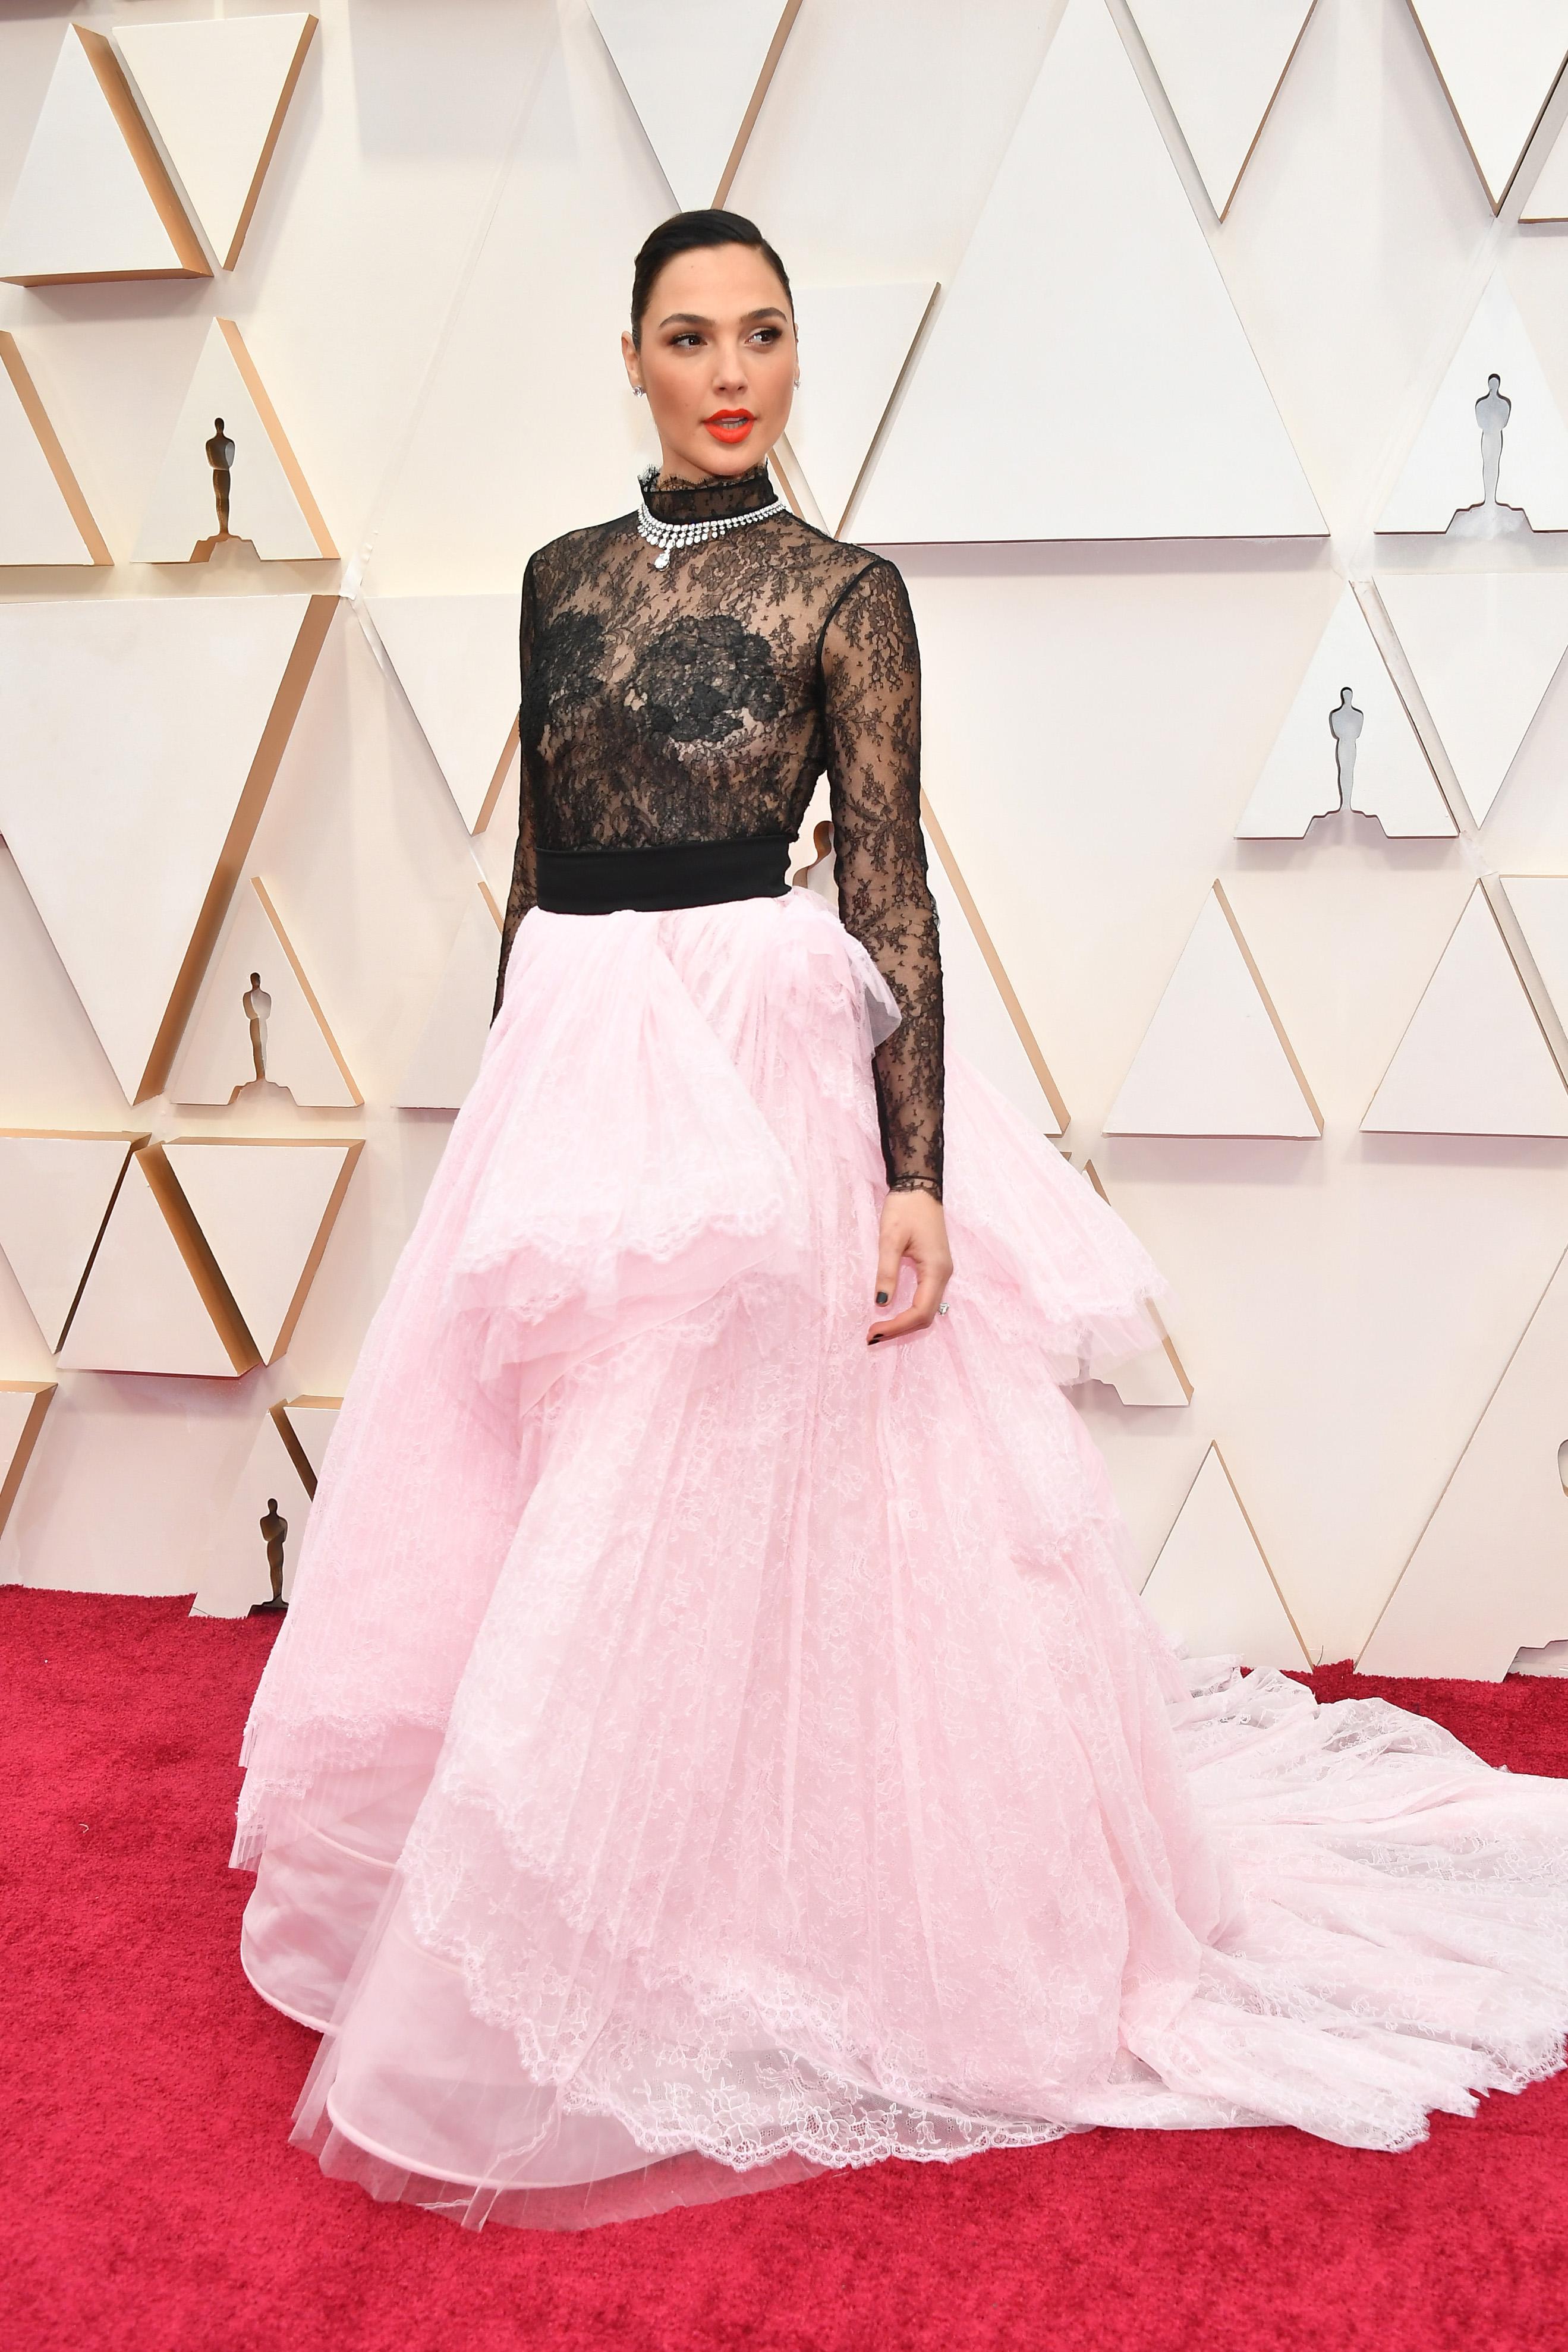 Гал Гадот в Givenchy Визията на актрисата изглежда по-скоро като подигравка, отколкото като дизайнерско решение, което ще остане неразбрано. Голямата розова пола, пристегната в талията с колан, дантеленото боди с по-едра дантела около бюста, както и голямото диамантено колие над него, са все елементи, които не бива да се съчетават заедно.